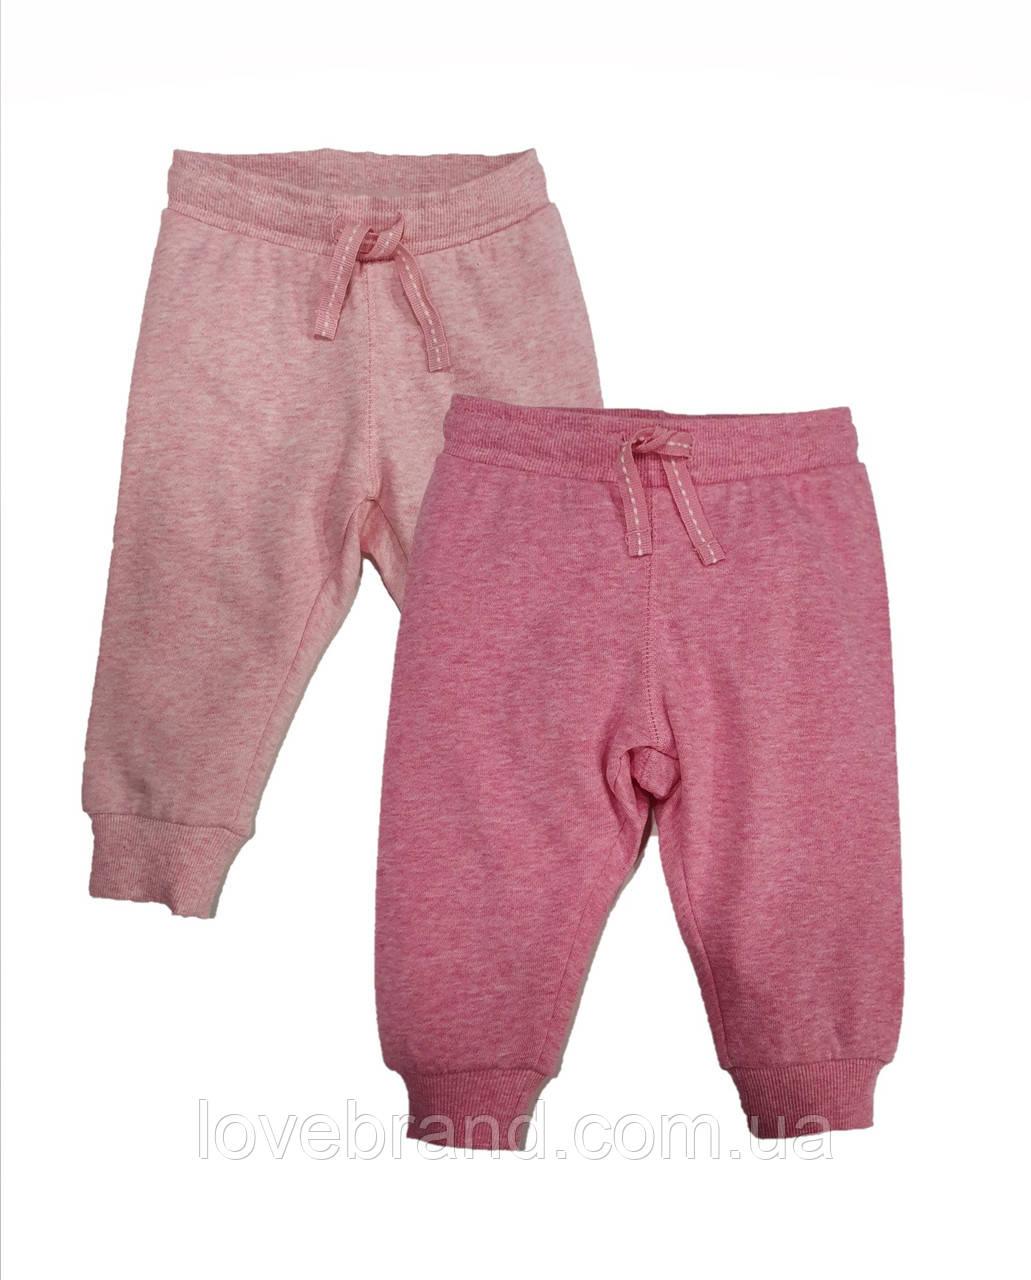 Cпортивные штаны для новорожденной девочки H&M розовые теплые